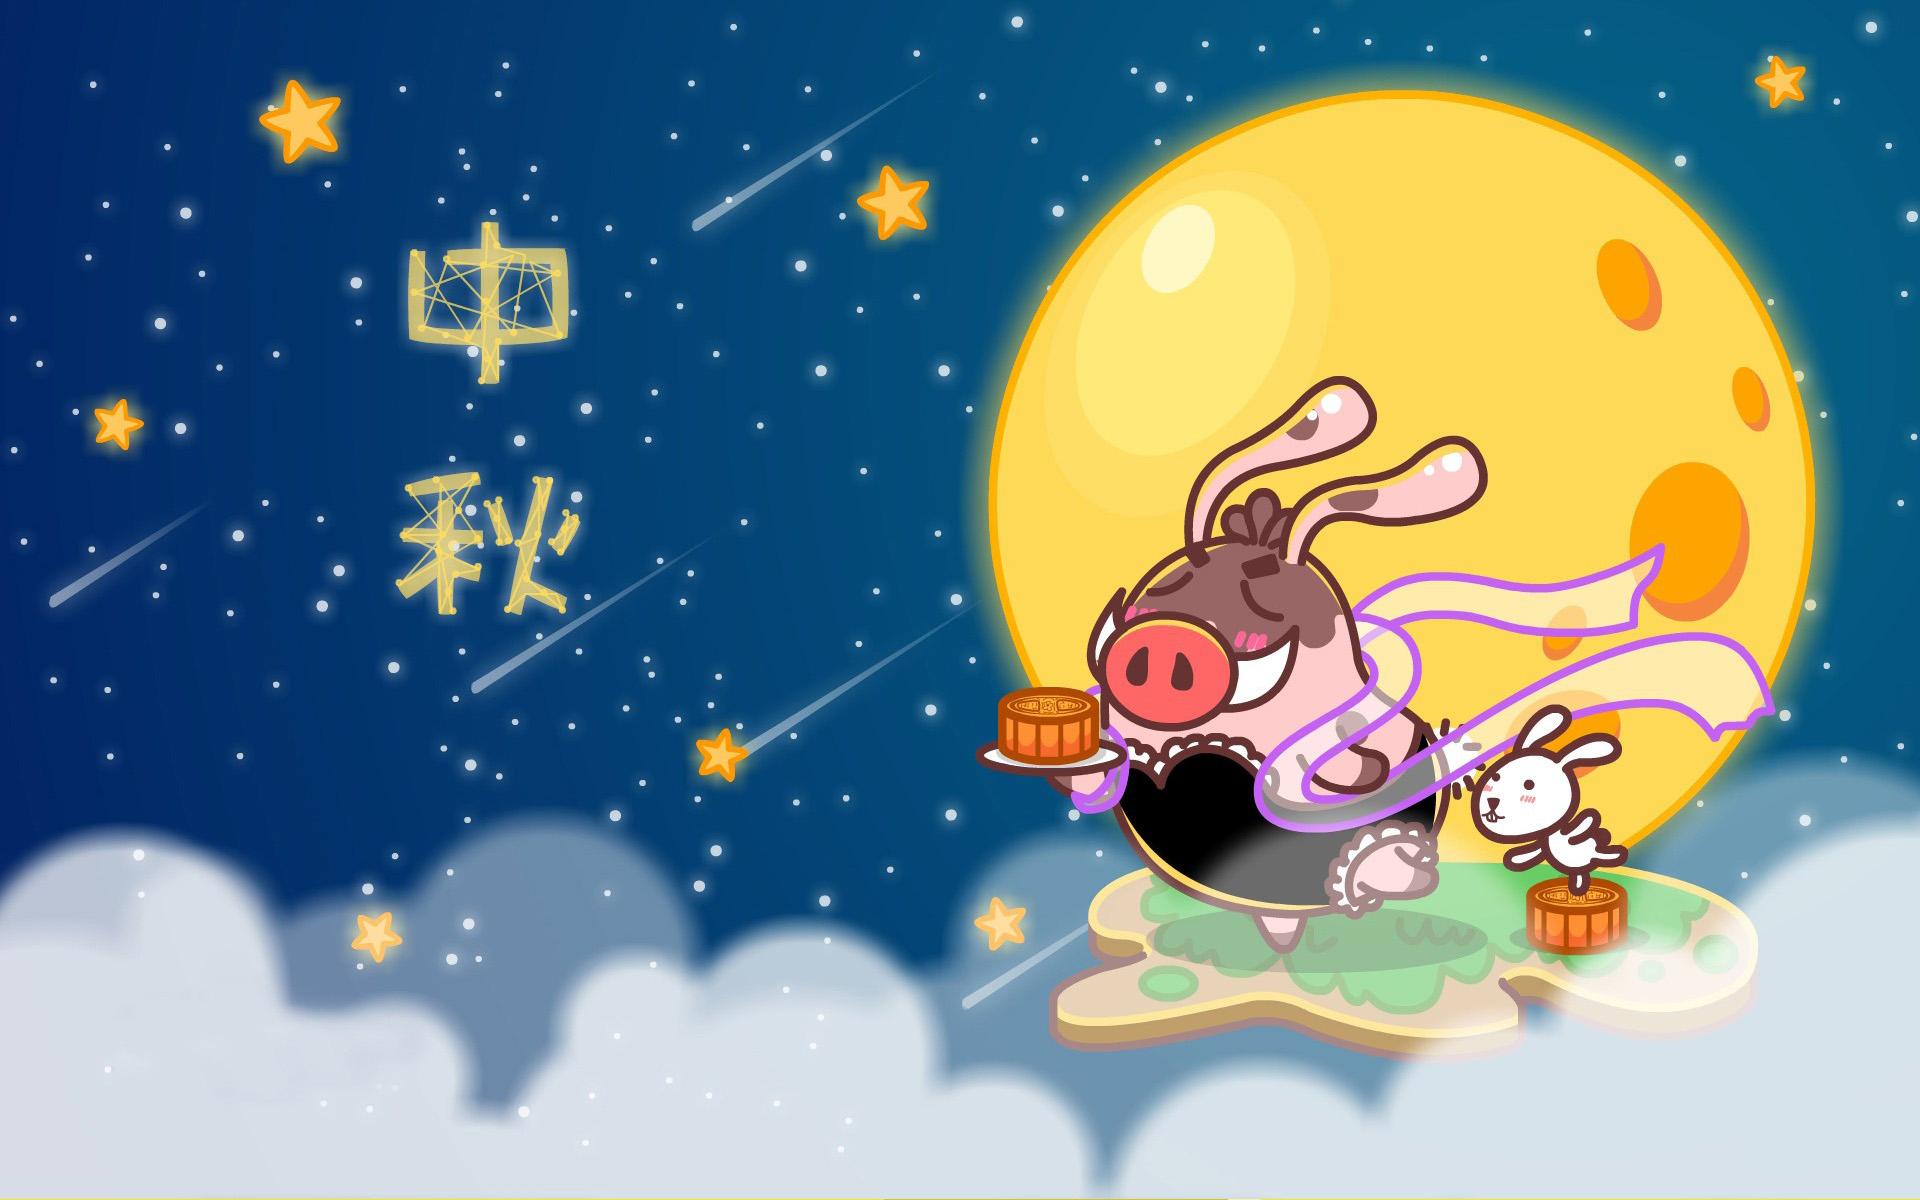 中秋节卡通PPT背景图片免费下载是由PPT宝藏(www.pptbz.com)会员zengmin上传推荐的节日PPT背景图片, 更新时间为2016-09-25,素材编号103428。 每年农历八月十五日,是传统的中秋佳节。这时是一年秋季的中期,所以被称为中秋。在中国的农历里,一年分为四季,每季又分为孟、仲、季三个部分,因而中秋也称仲秋。八月十五的月亮比其他几个月的满月更圆,更明亮,所以又叫做月夕八月节。此夜,人们仰望天空如玉如盘的朗朗明月,自然会期盼家人团聚。远在他乡的游子,也借此寄托自己对故乡和亲人